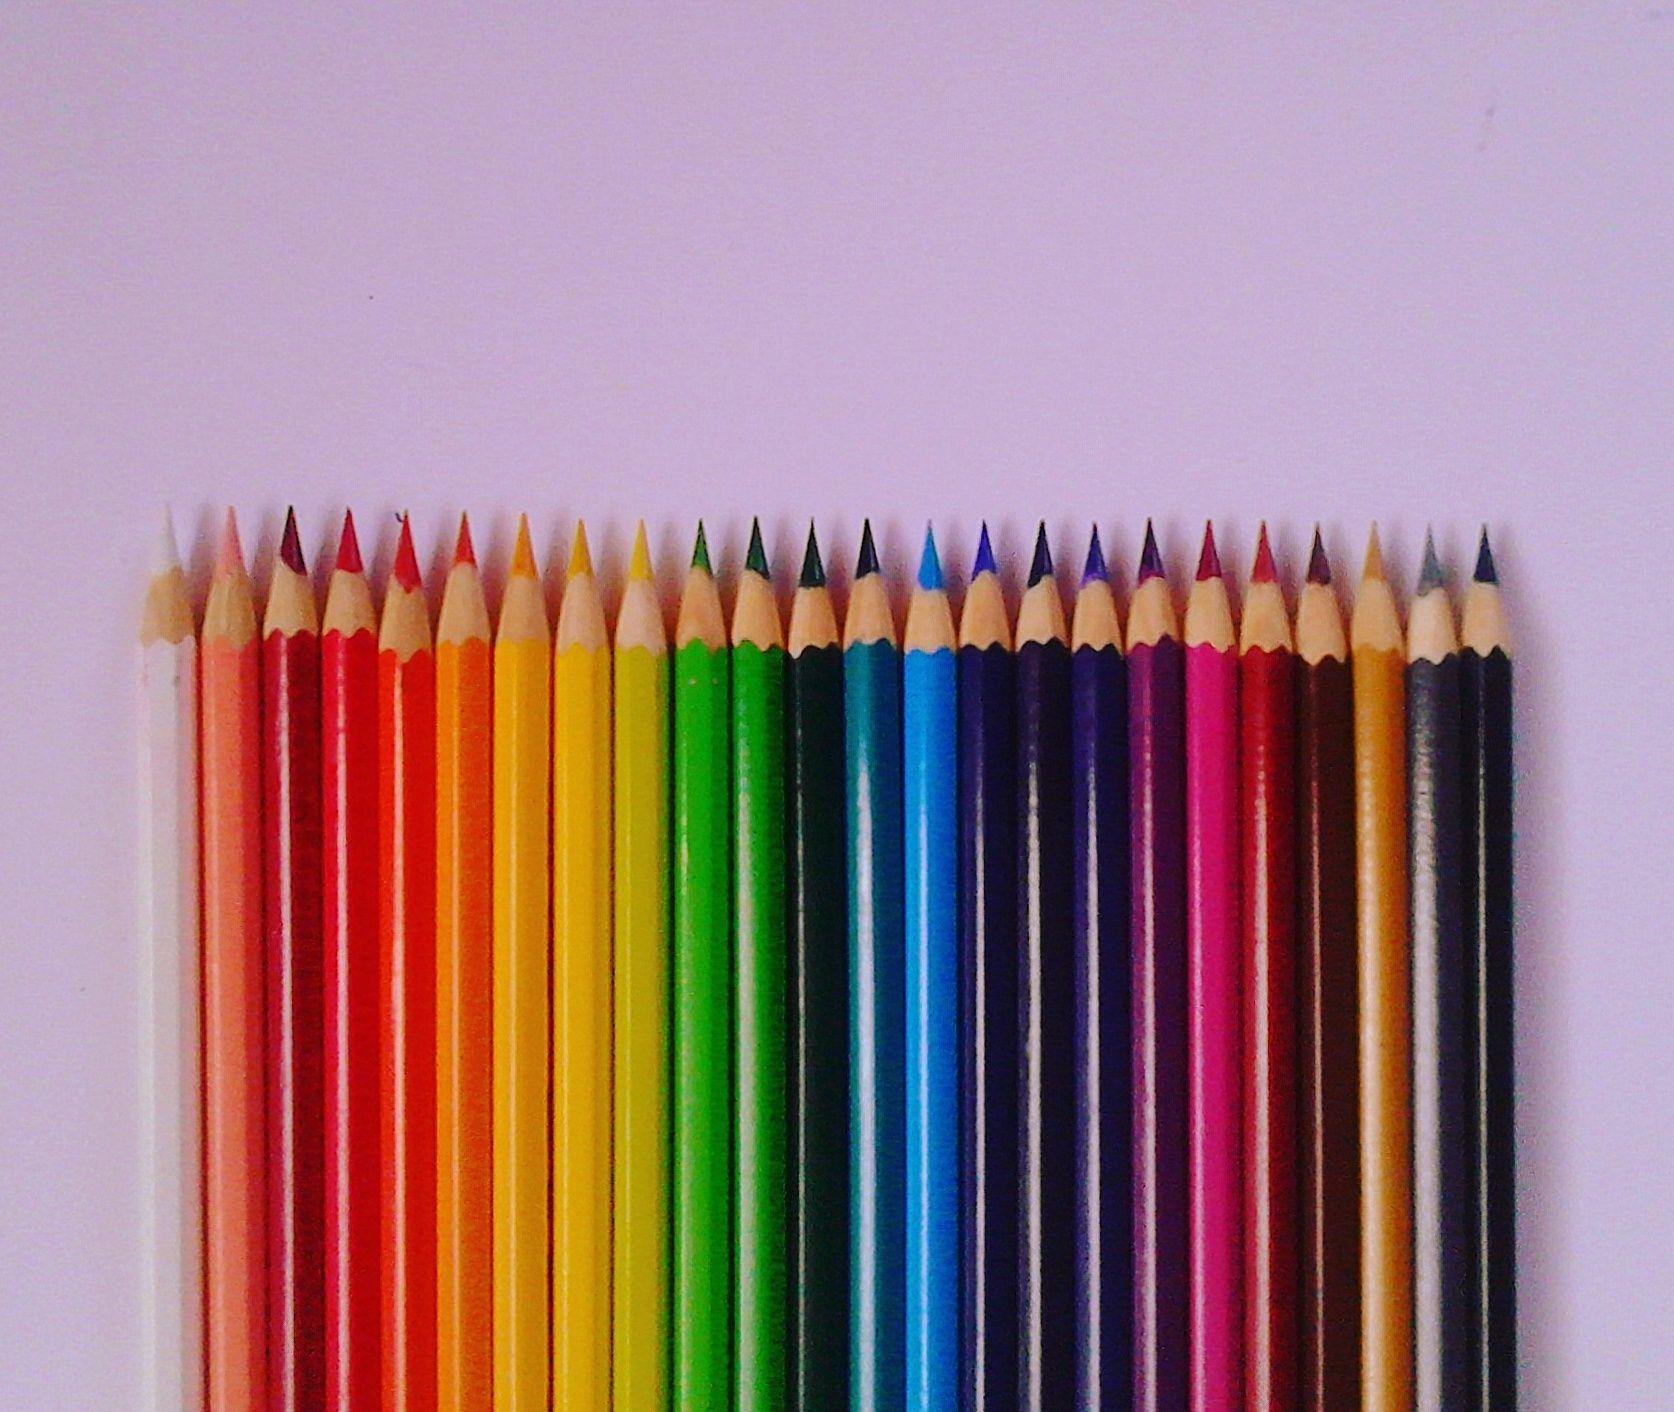 Composicion Simetrica Podemos Observar Que Hay Una Simetria En Los Lapices De Colores Que Todos Tienen El Mismo Ord Lapices De Colores Lapices Disenos De Unas